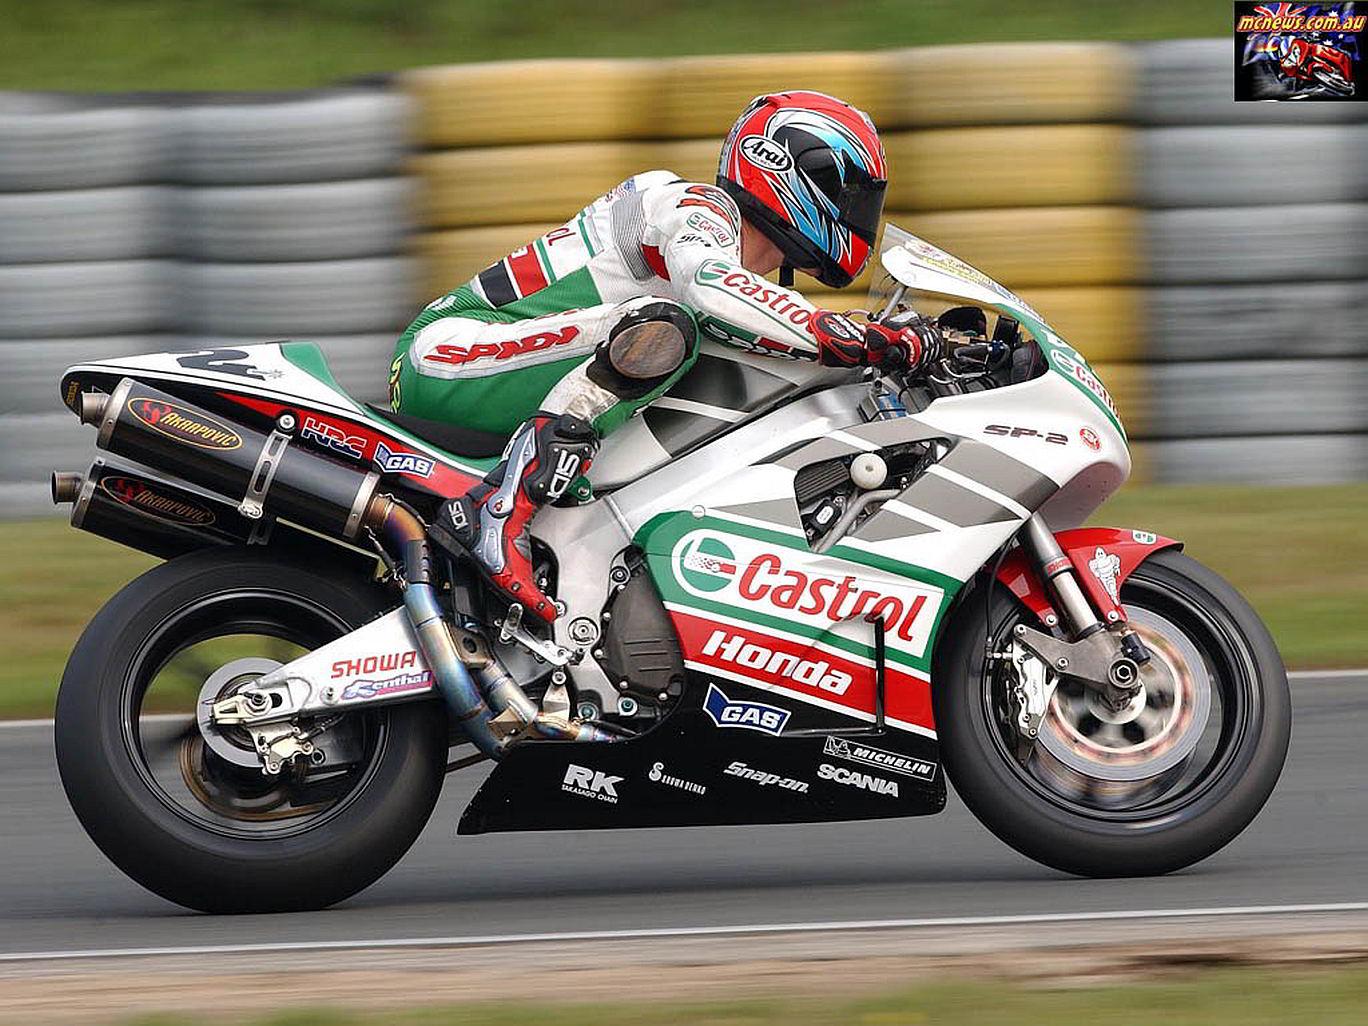 Colin Edwards - Germany - 2002